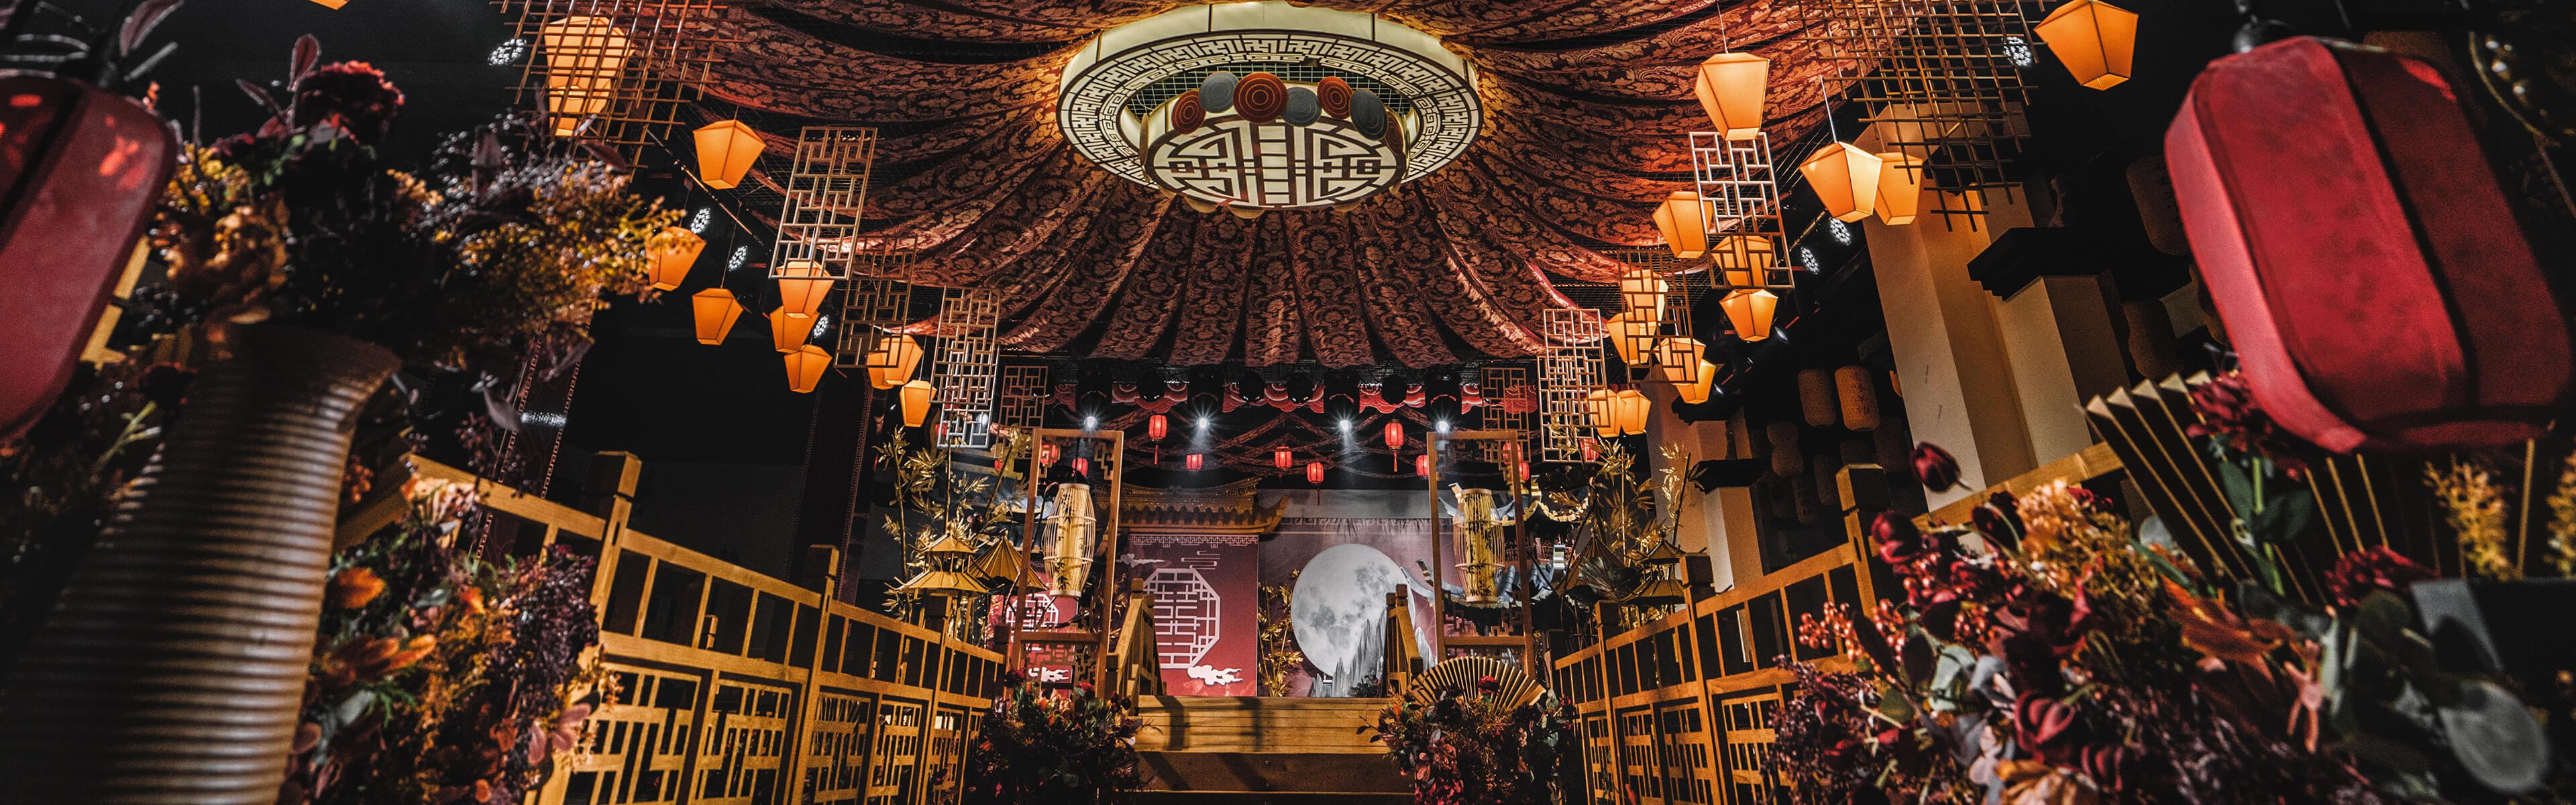 固始县婚庆策划案例:琴瑟在御 莫不静好 | 江苏 徐州